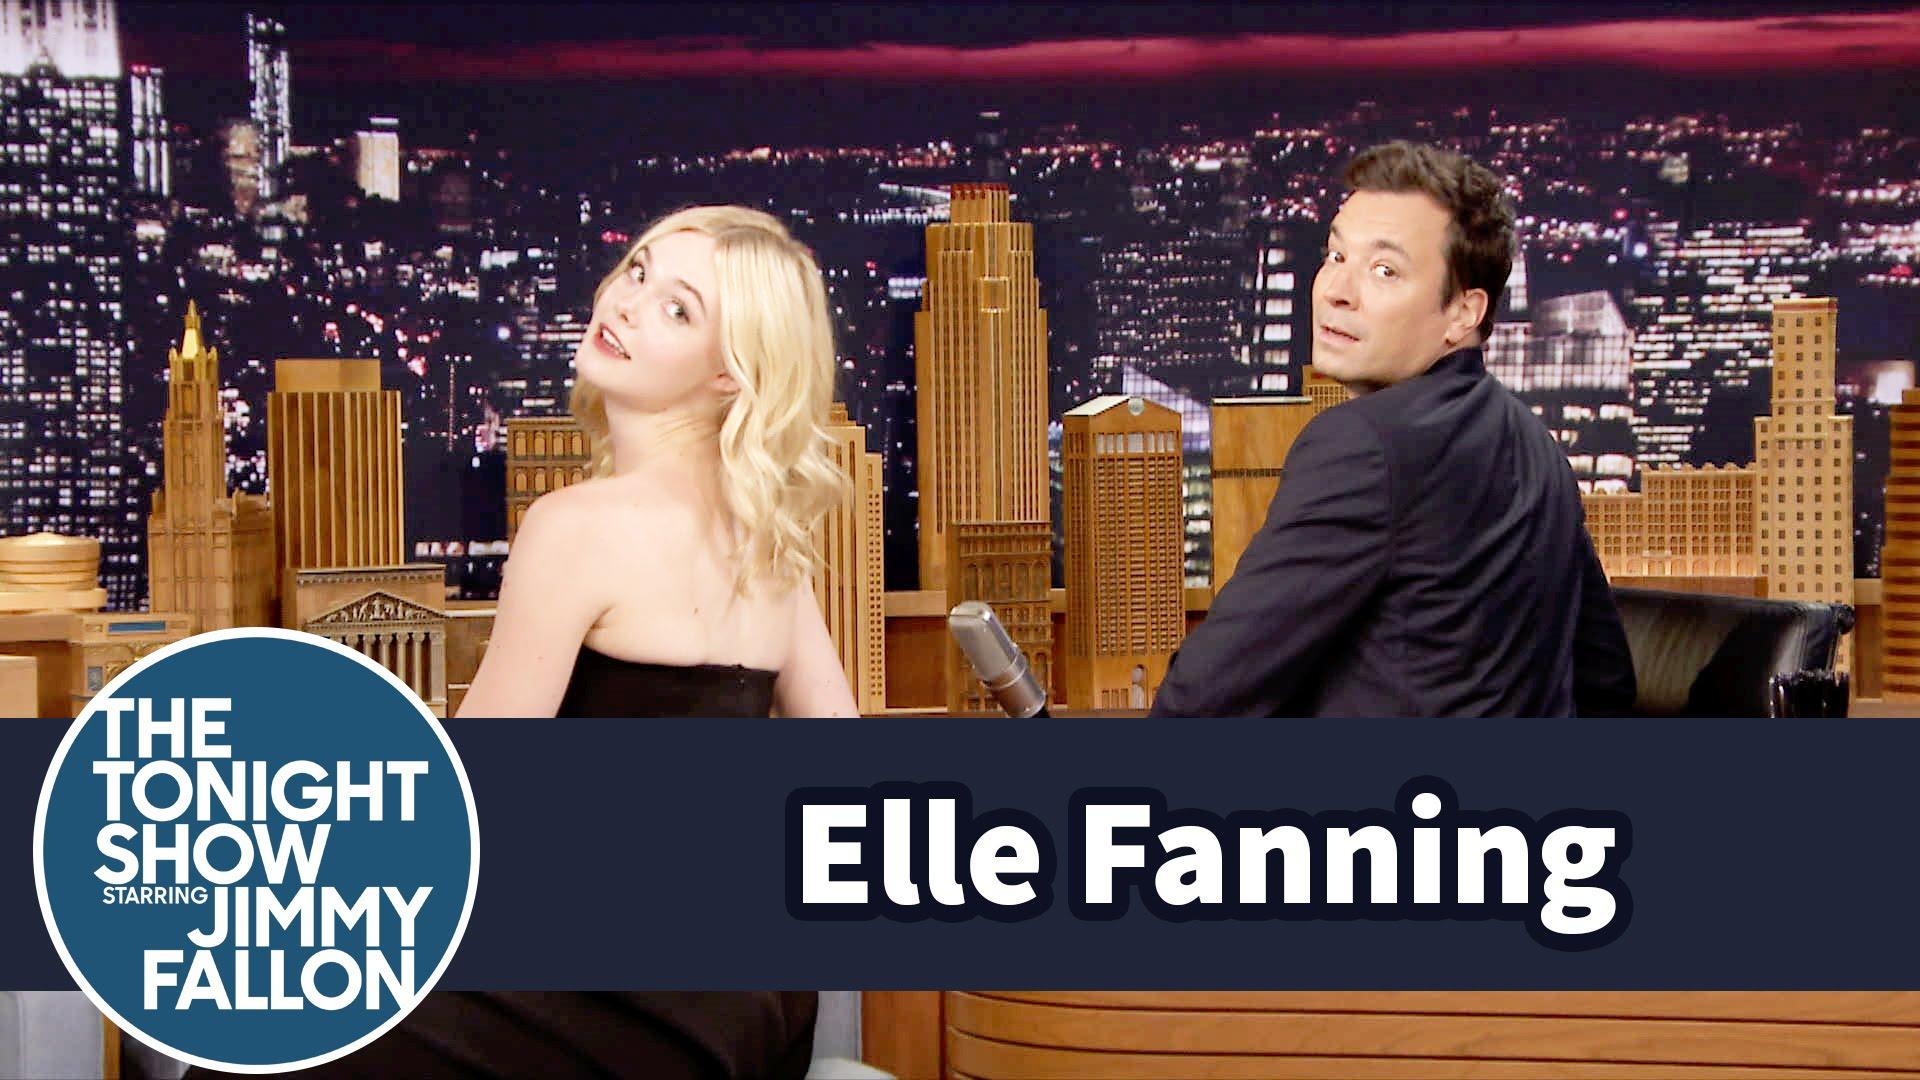 Watch Late Night with Jimmy Fallon Season  - Elle Fanning Demos Her Senior Portrait Beauty Shot Online